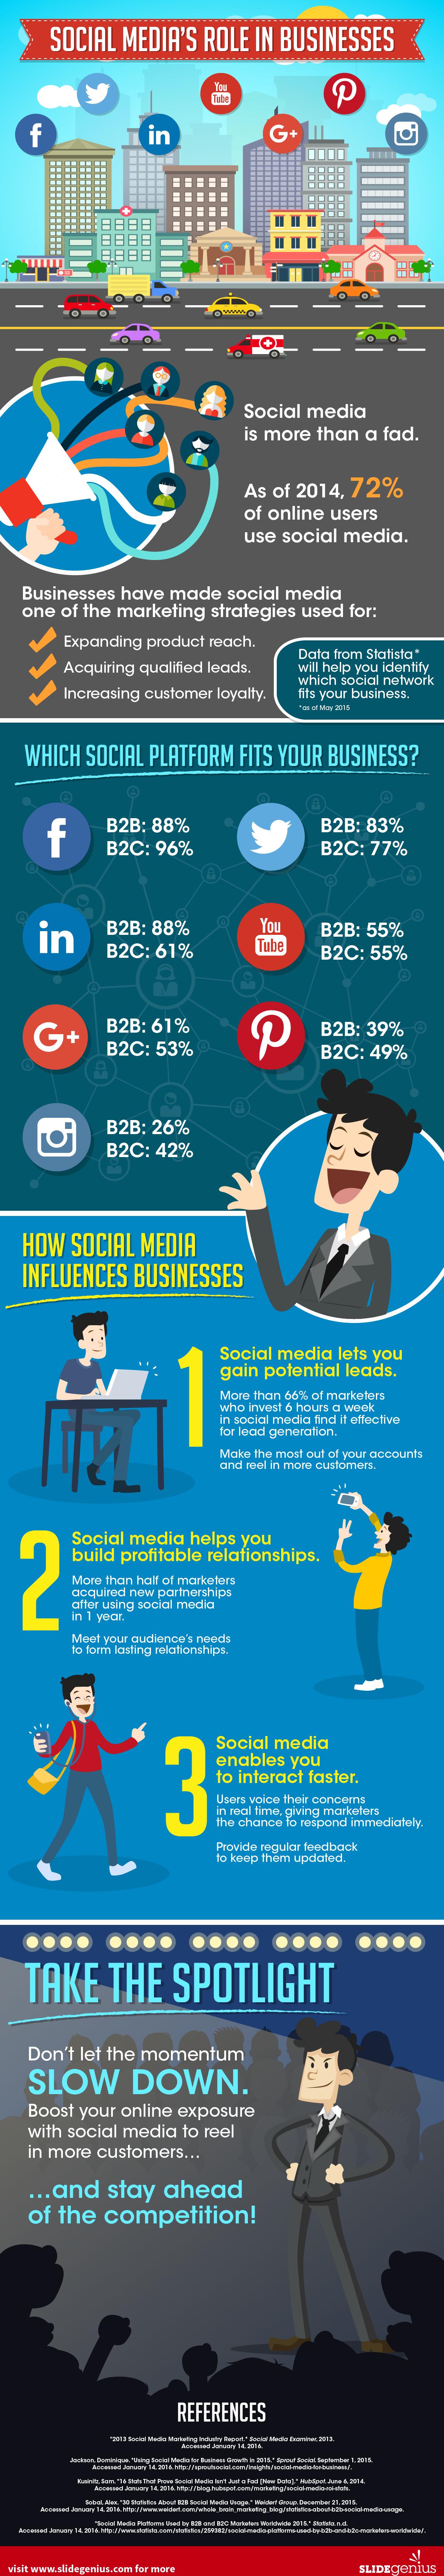 Social Media's Role in Businesses - SlideGenius Infographic